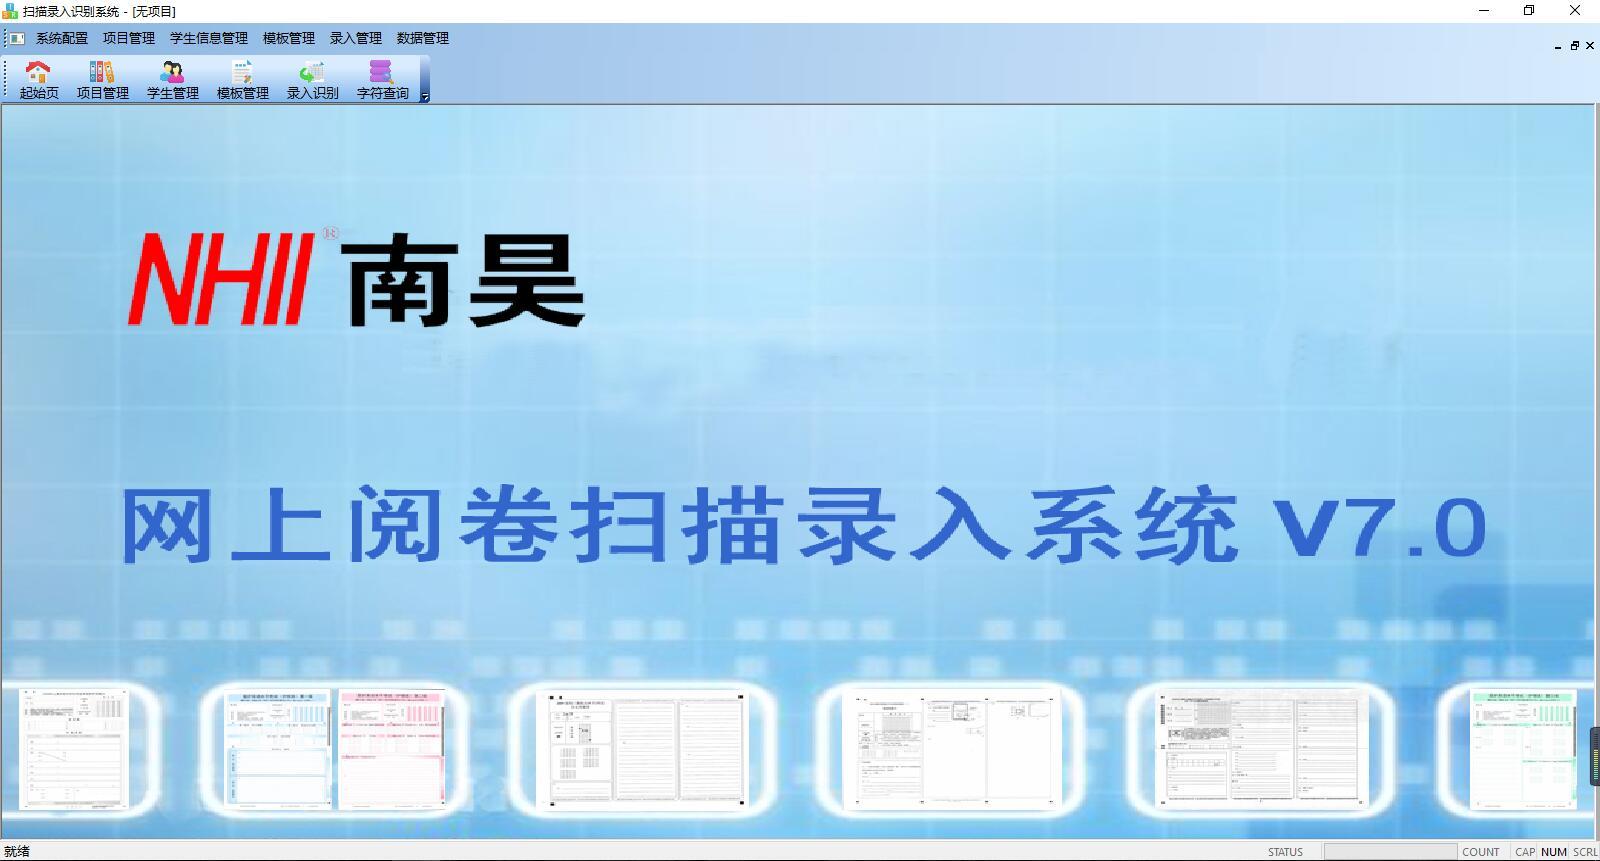 高扫阅卷 衡水网上阅卷系统生产价格|行业资讯-河北省南昊高新技术开发有限公司